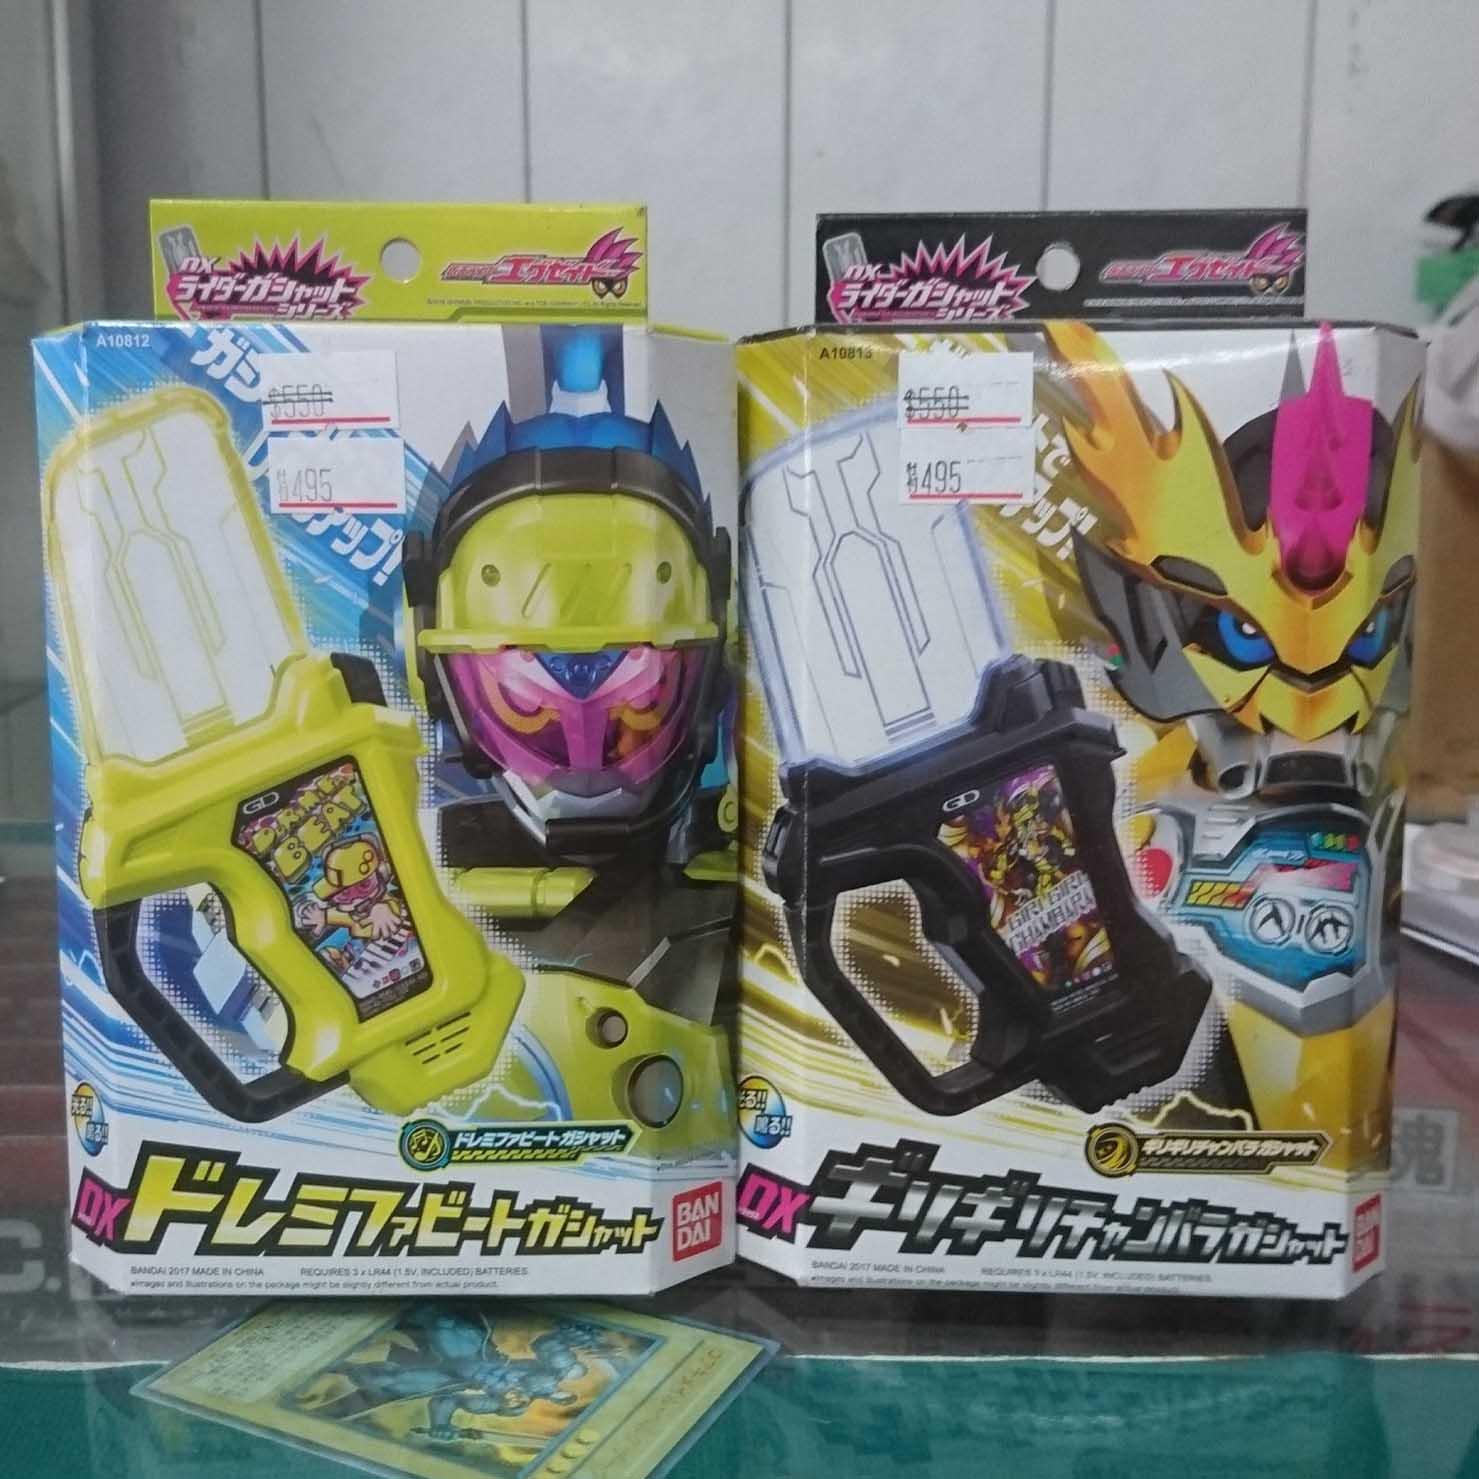 假面騎士系列玩具,益祥模型玩具實際拍照。